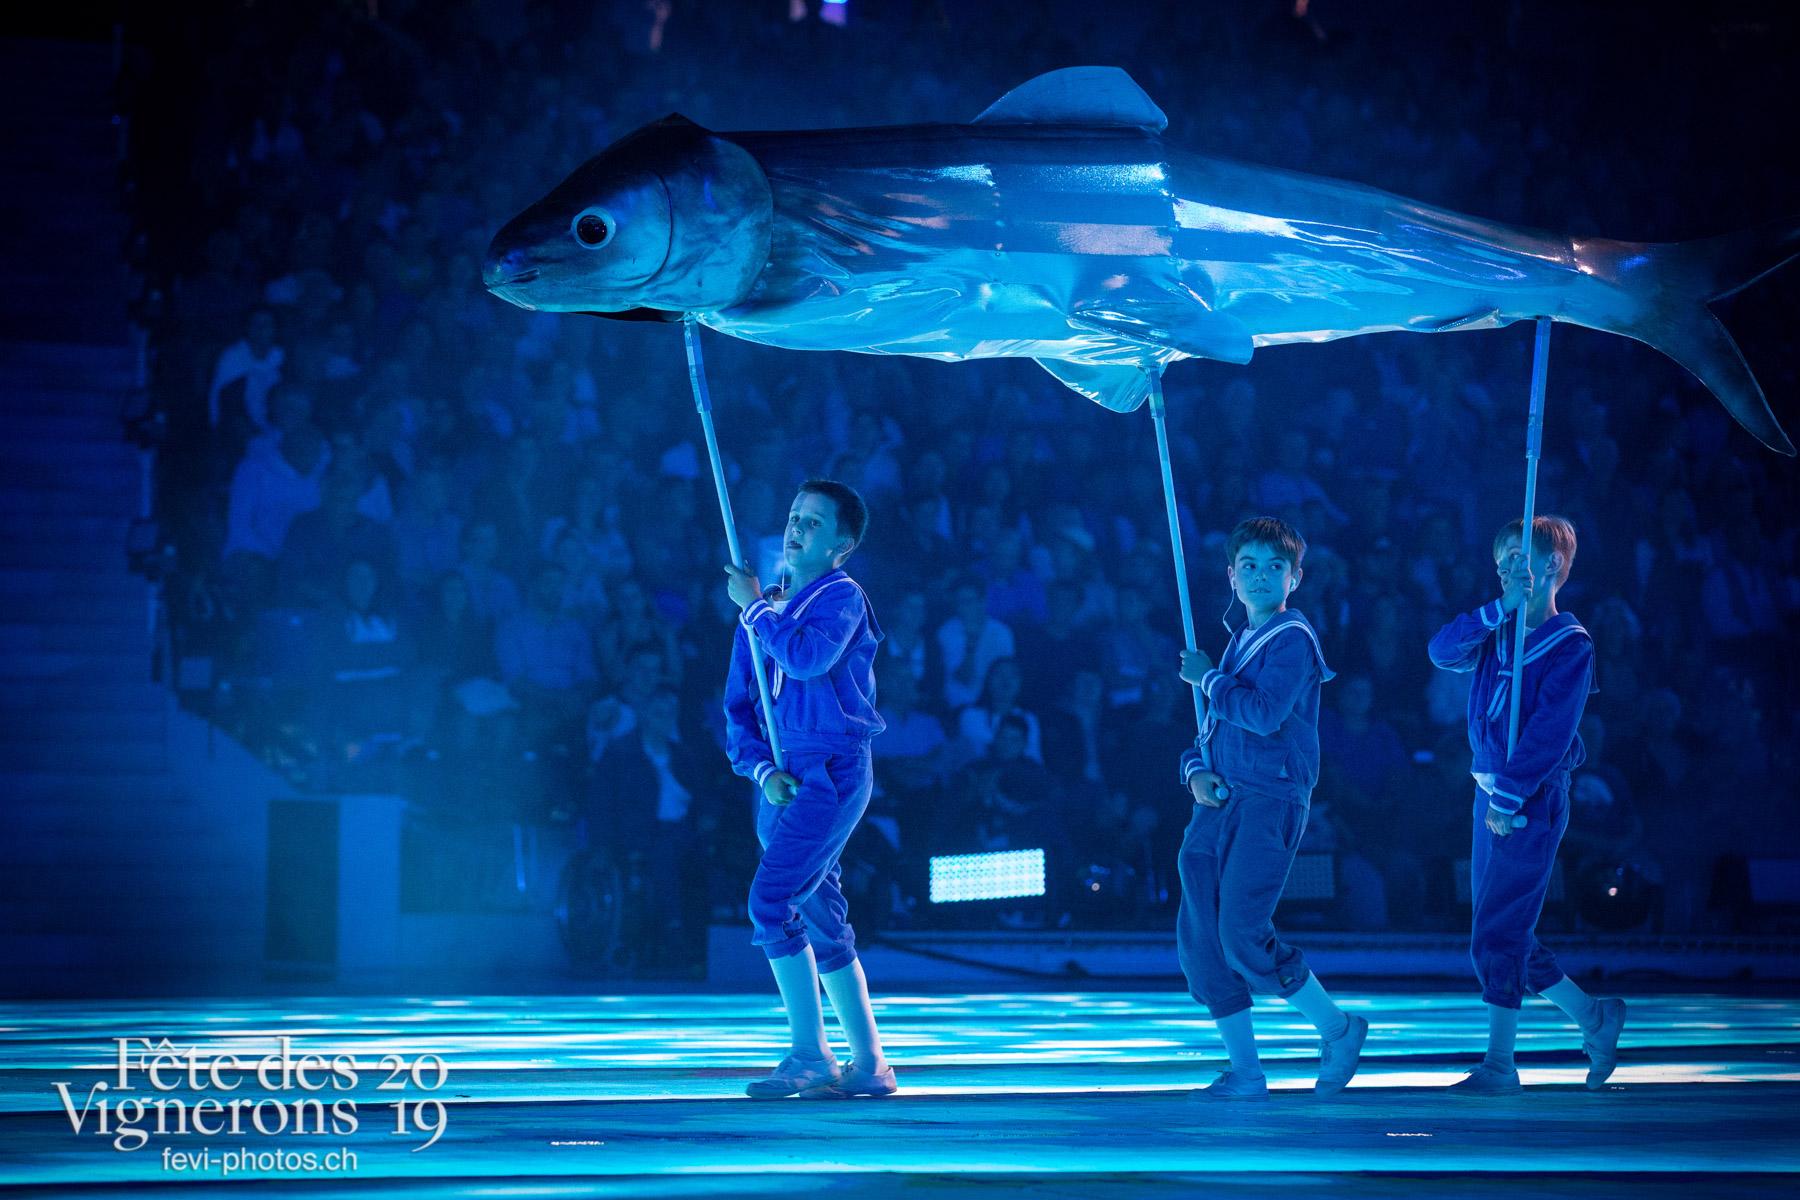 spectacle du 02 août 2019, Vevey, fête des vignerons - marins poissons, spectacle. Photographes de la Fête des Vignerons 2019